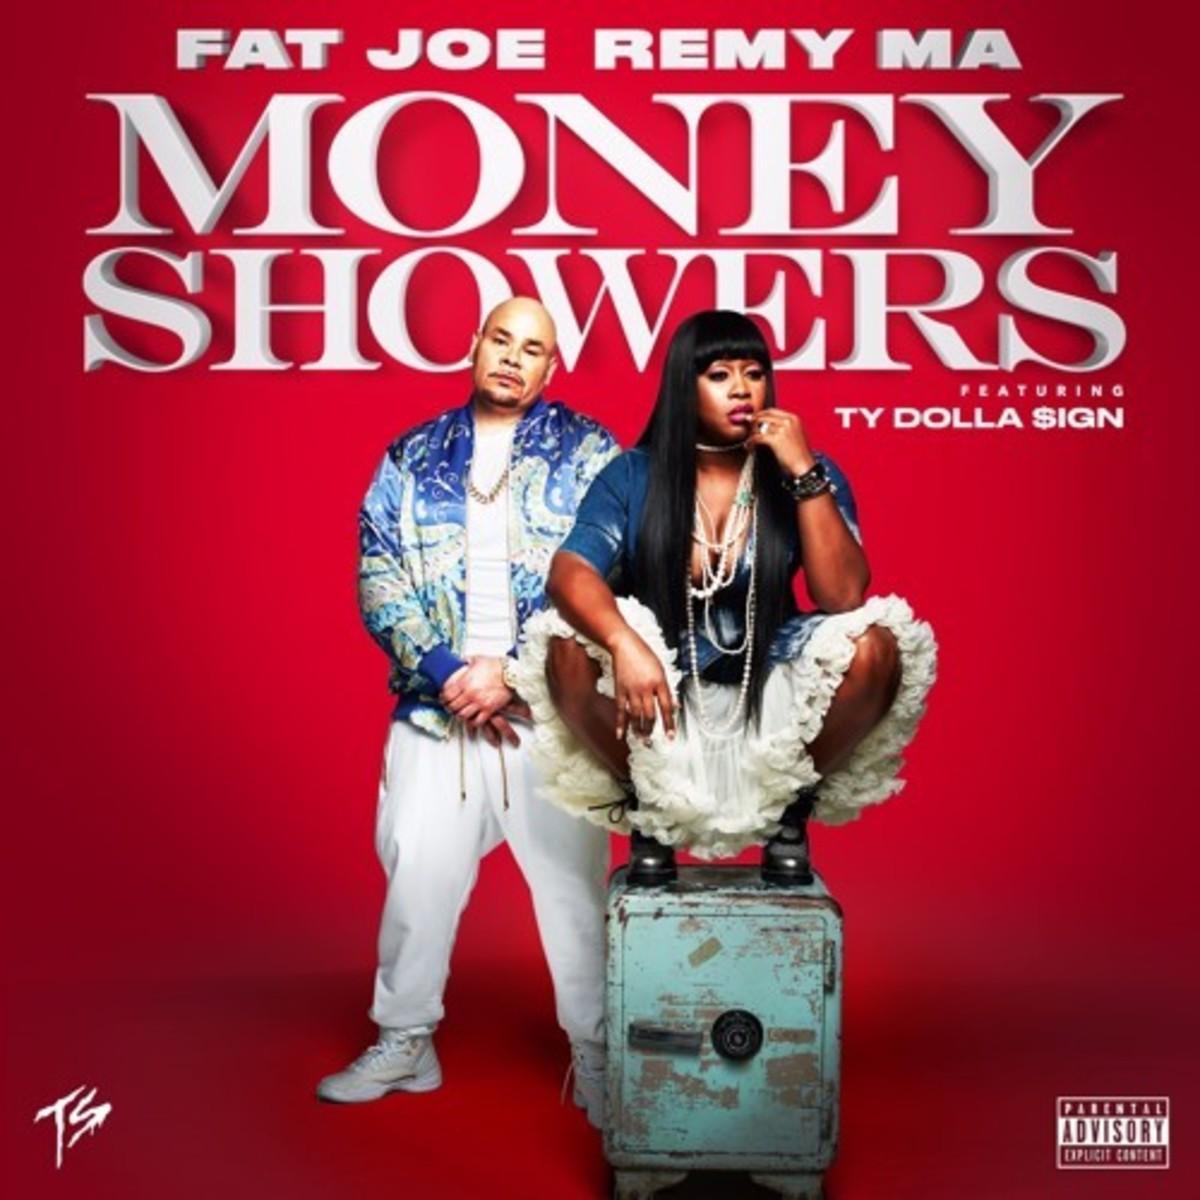 fat-joe-remy-ma-money-showers.jpg